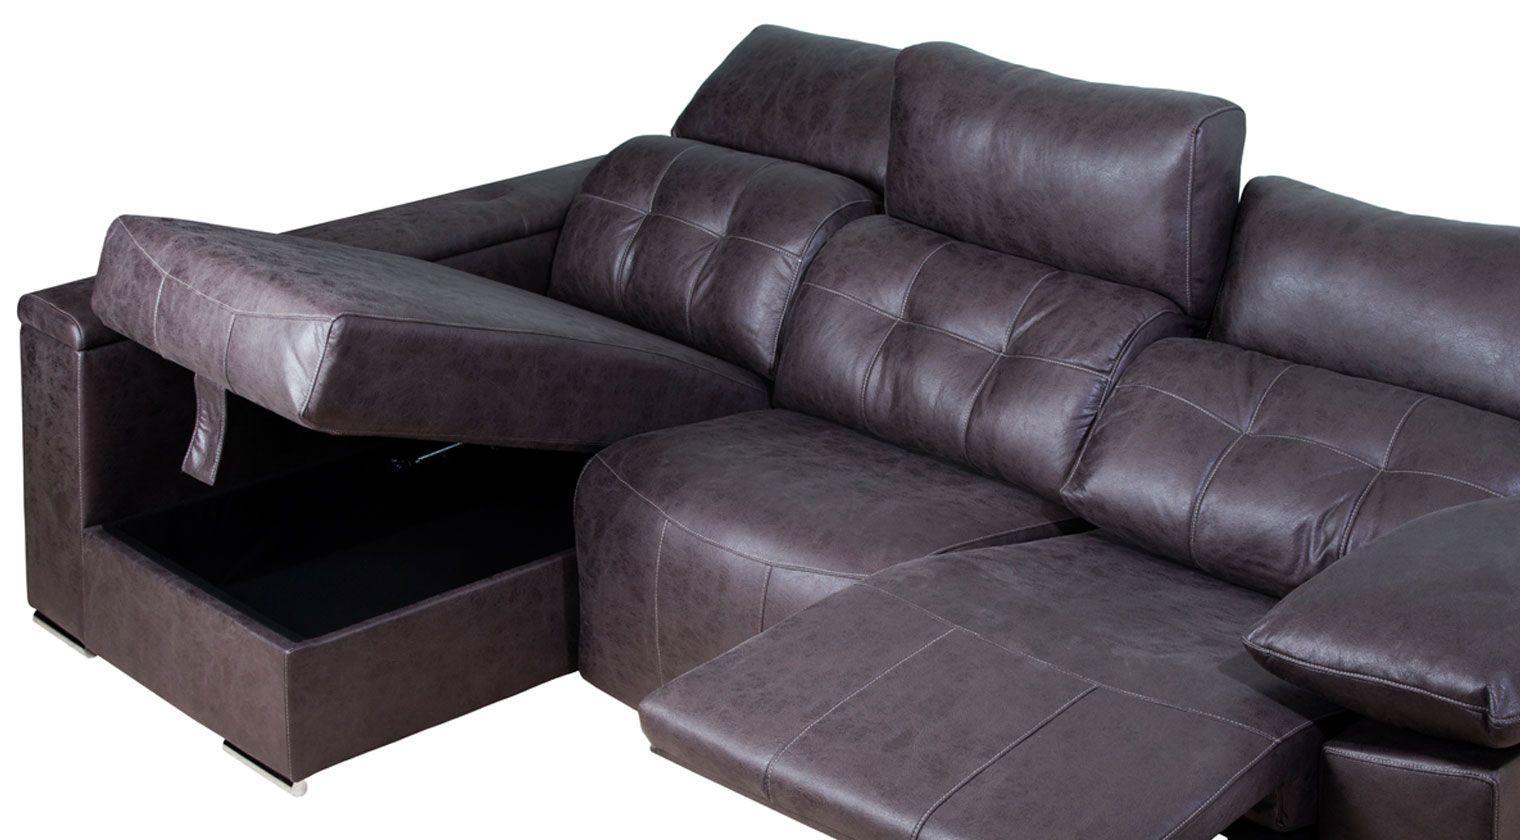 inicio sofas relax sofu00e1 relax furias sofu00e1 relax furias mod 3 plazas ...